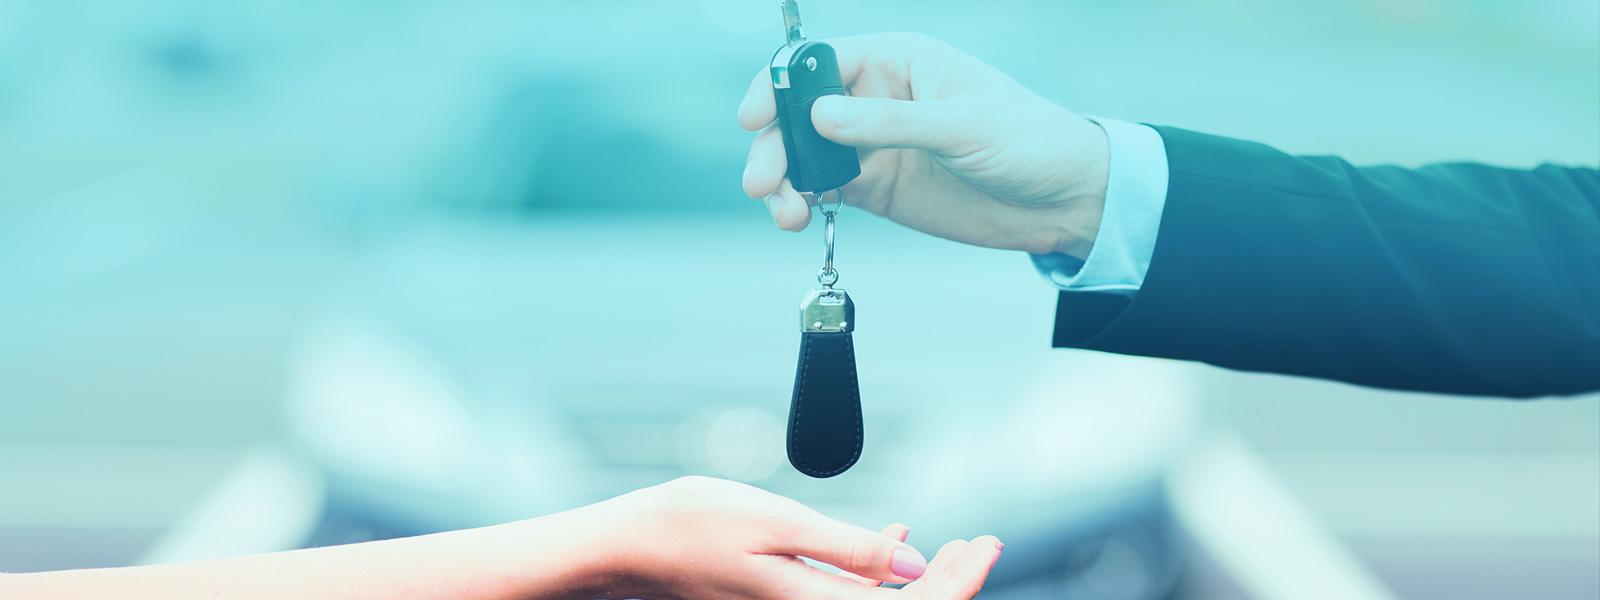 alugar-carro-ferias-praticidade-comodidade-blog-ceabs